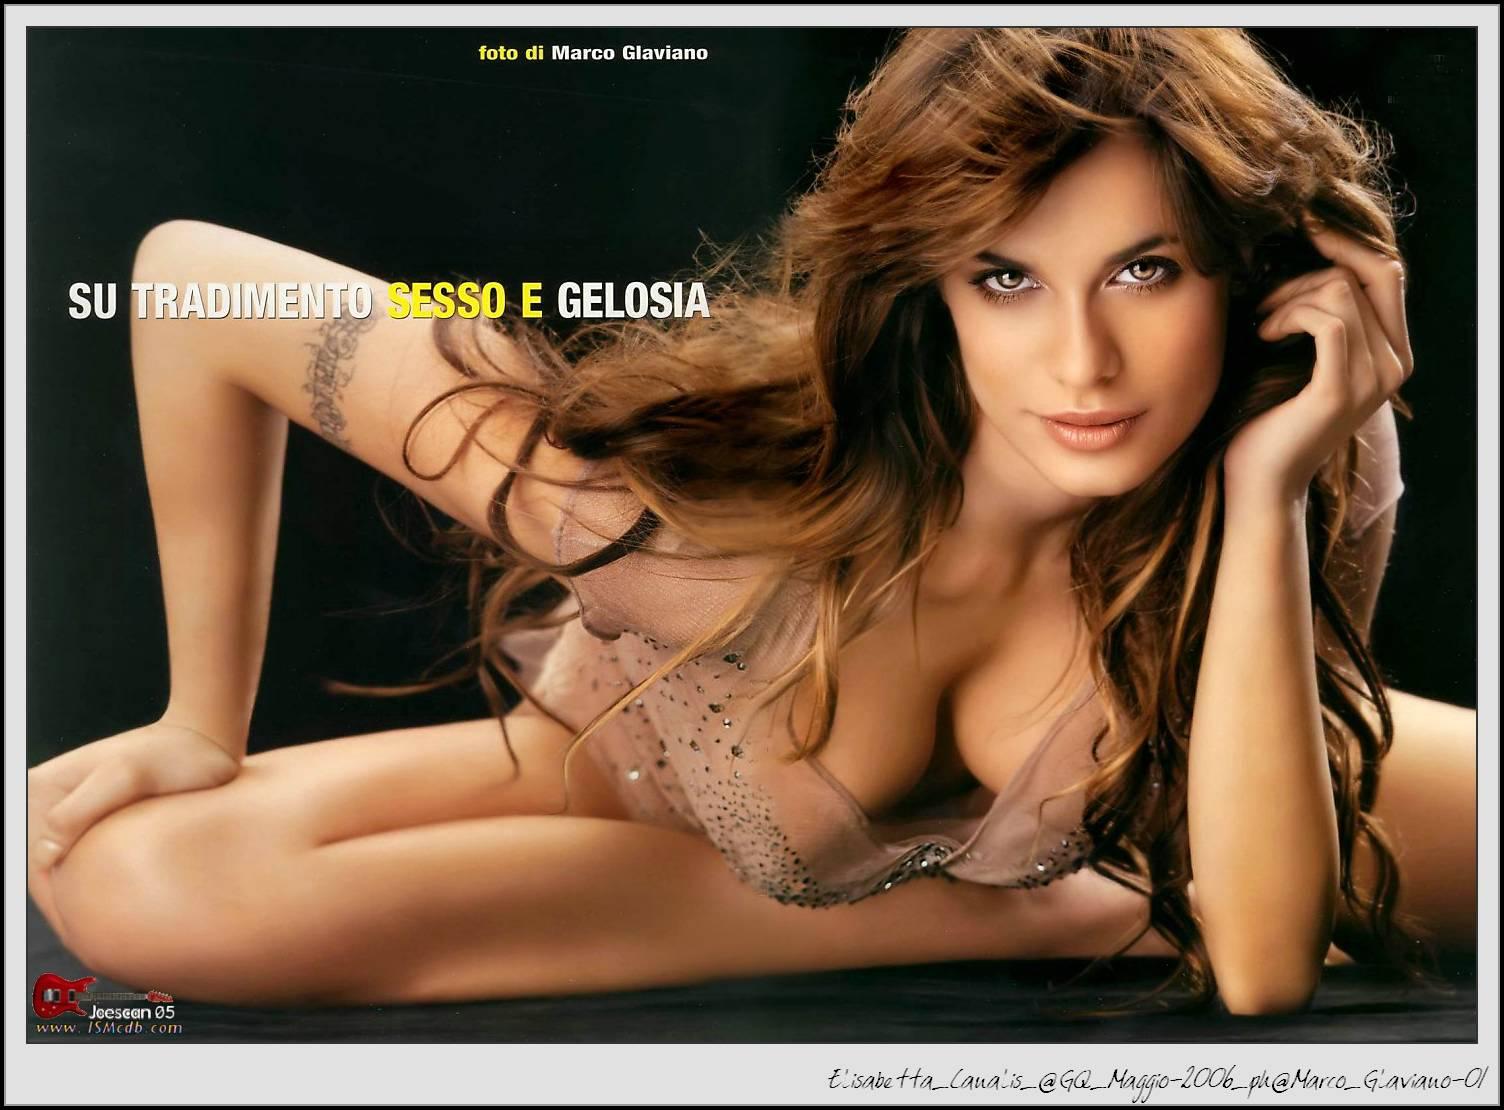 http://3.bp.blogspot.com/_DY_KdmgkkO8/SUDAnGVEINI/AAAAAAAAAX4/JG6qff0R92Y/s1600/Elisabetta_Canalis_9.jpg